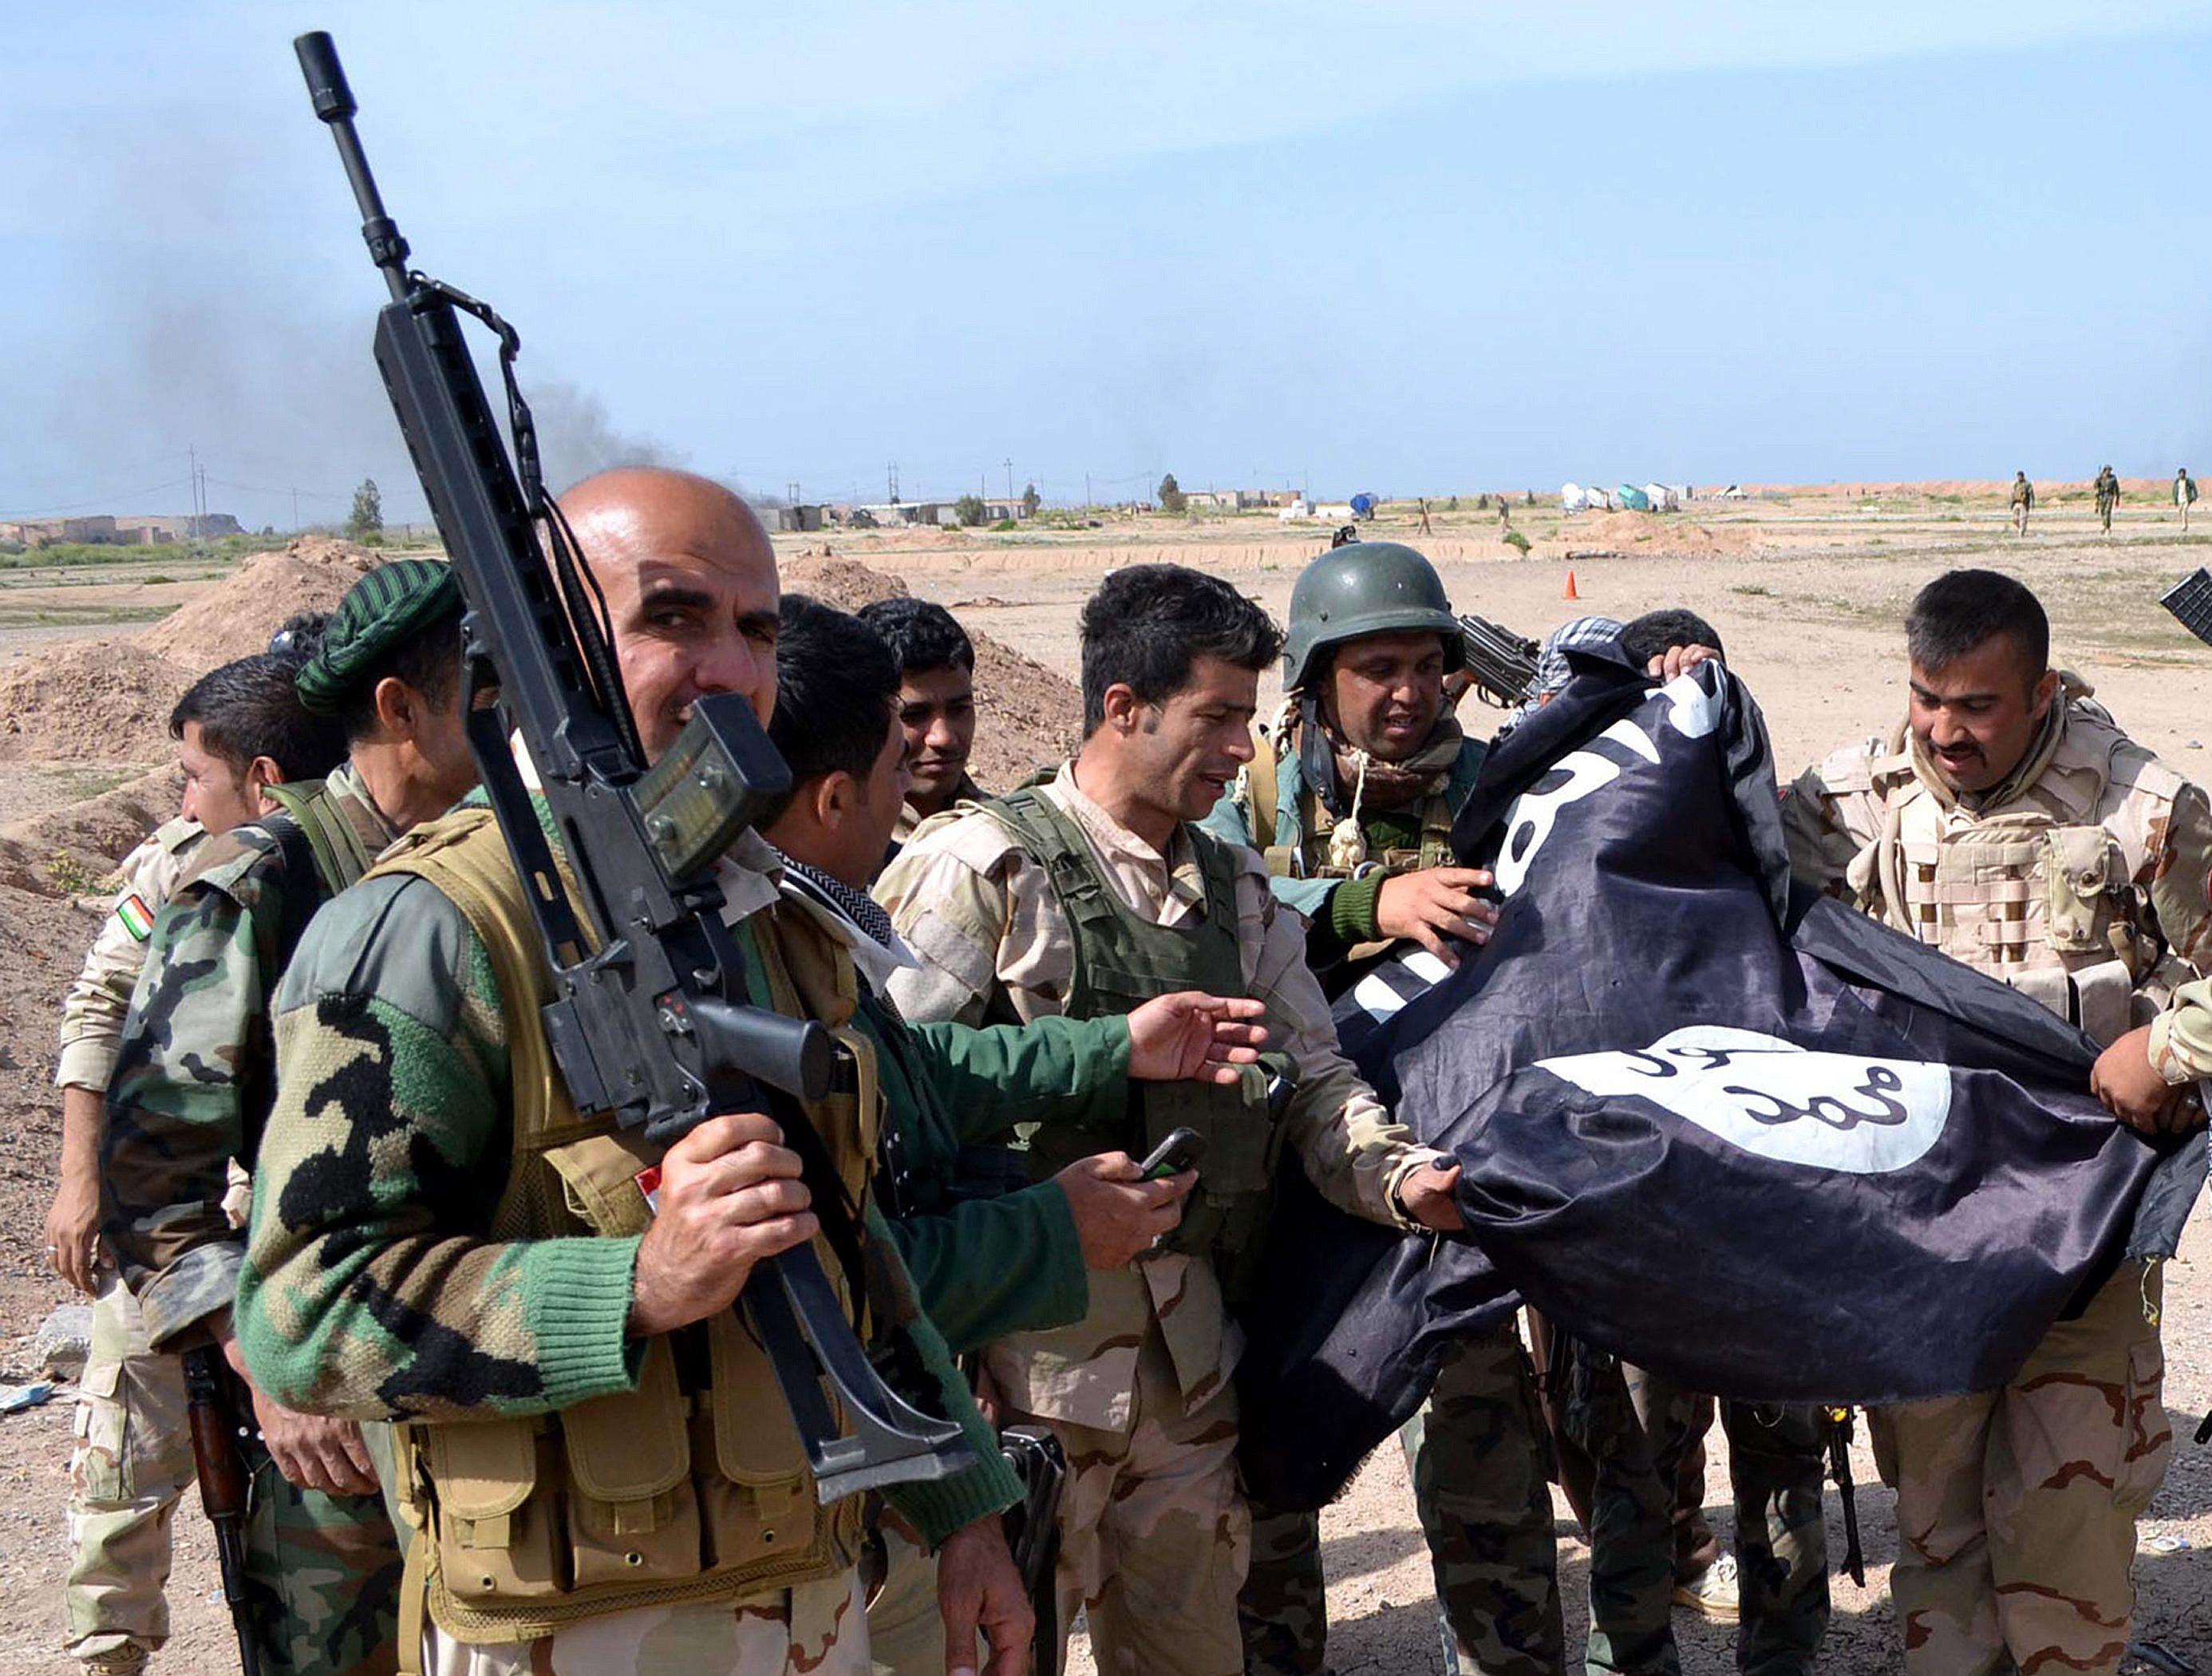 Kurdische Peshmerga-Kämpfer mit dem Sturmgewehr G36: Sie setzen das Gewehr auch bei den Kämpfen mit den Terroristen des Islamischen Staates ein.